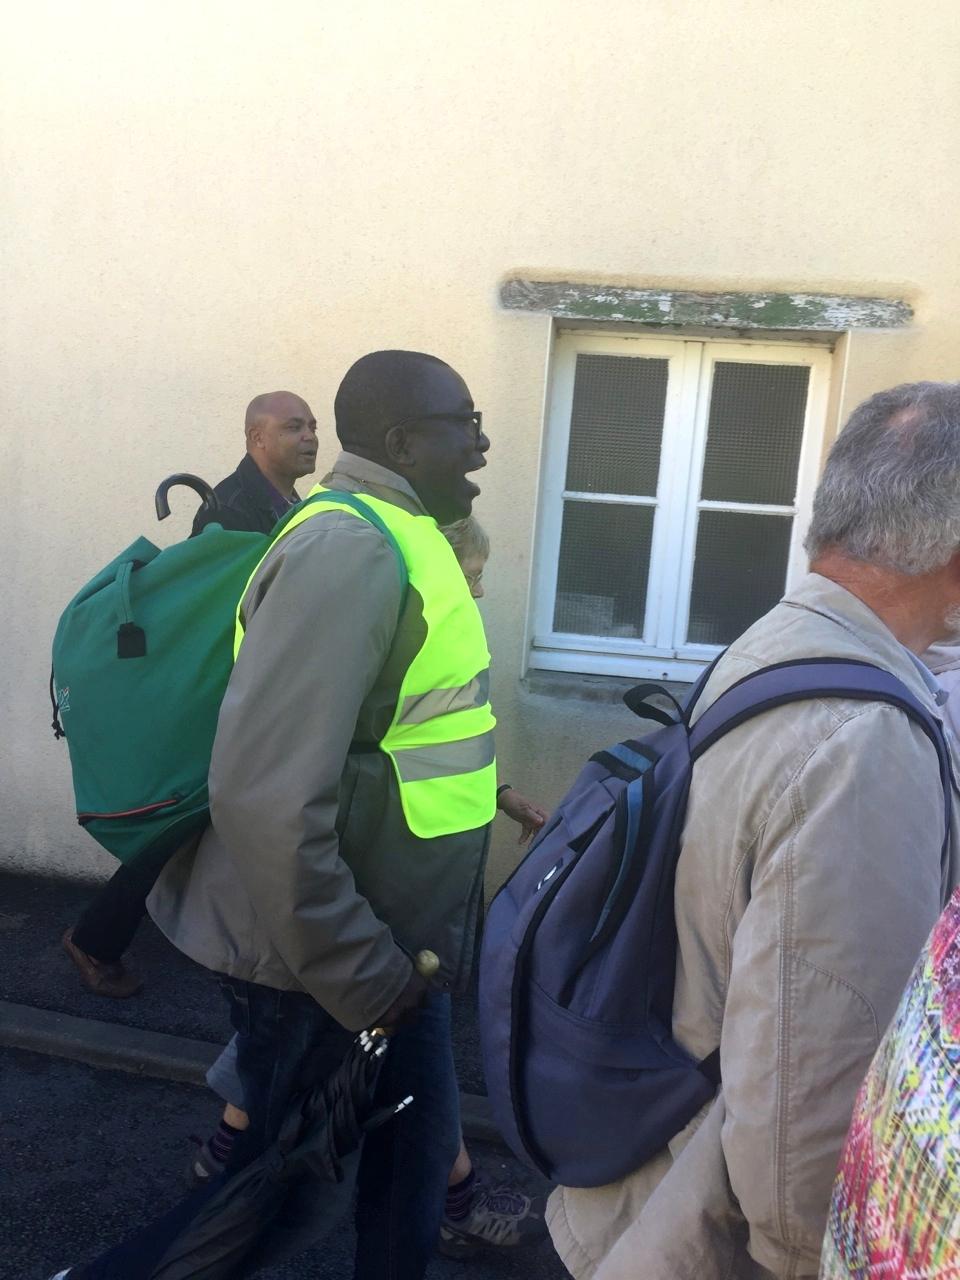 Les chants africains sont bienvenus pour encourager la marche !